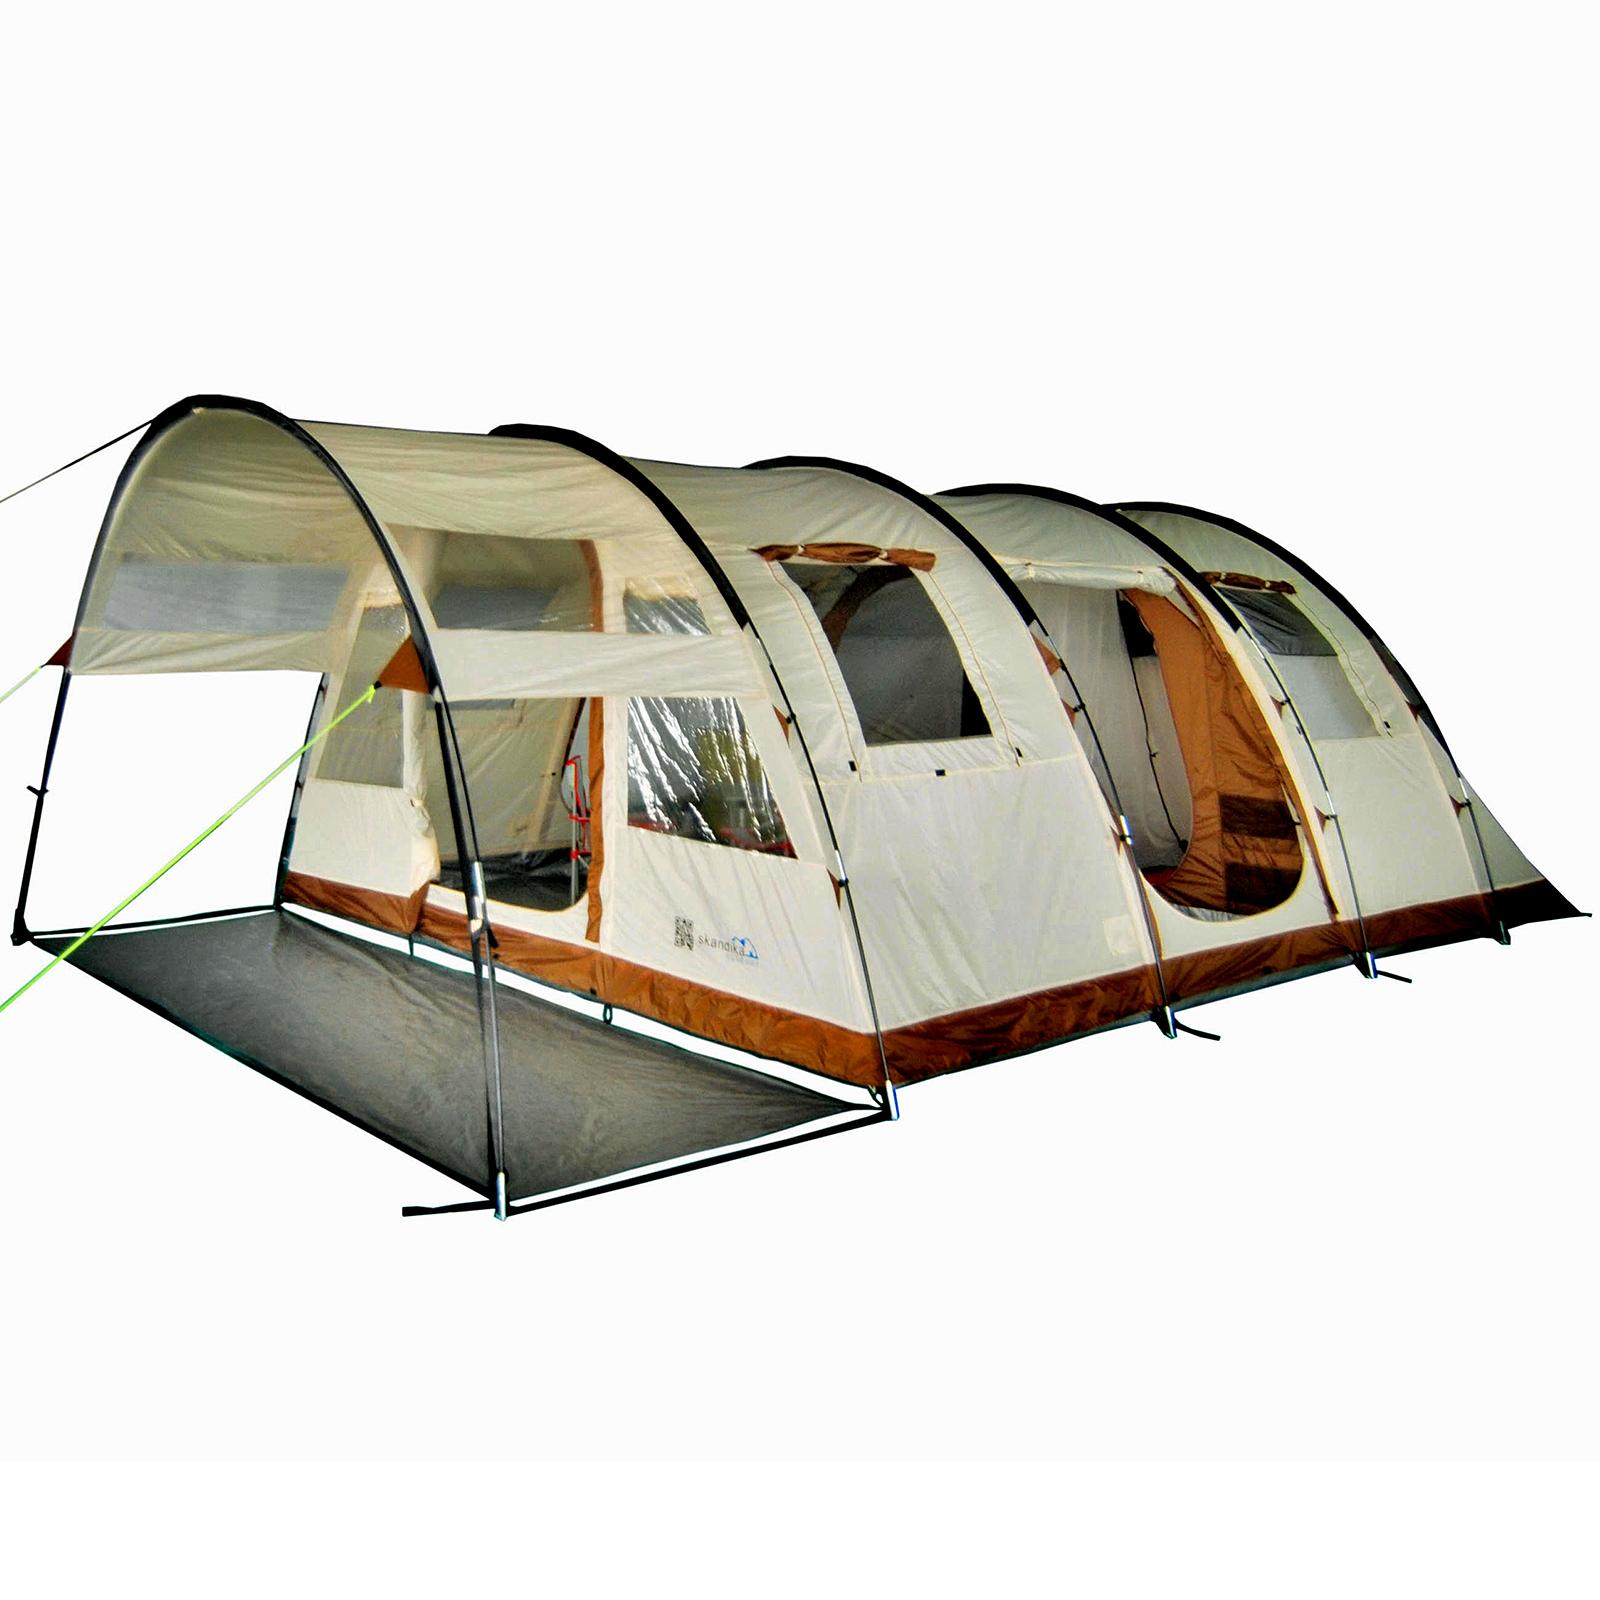 Skandika Zelt Kairo 6 : Skandika kairo personen familien zelt campingzelt